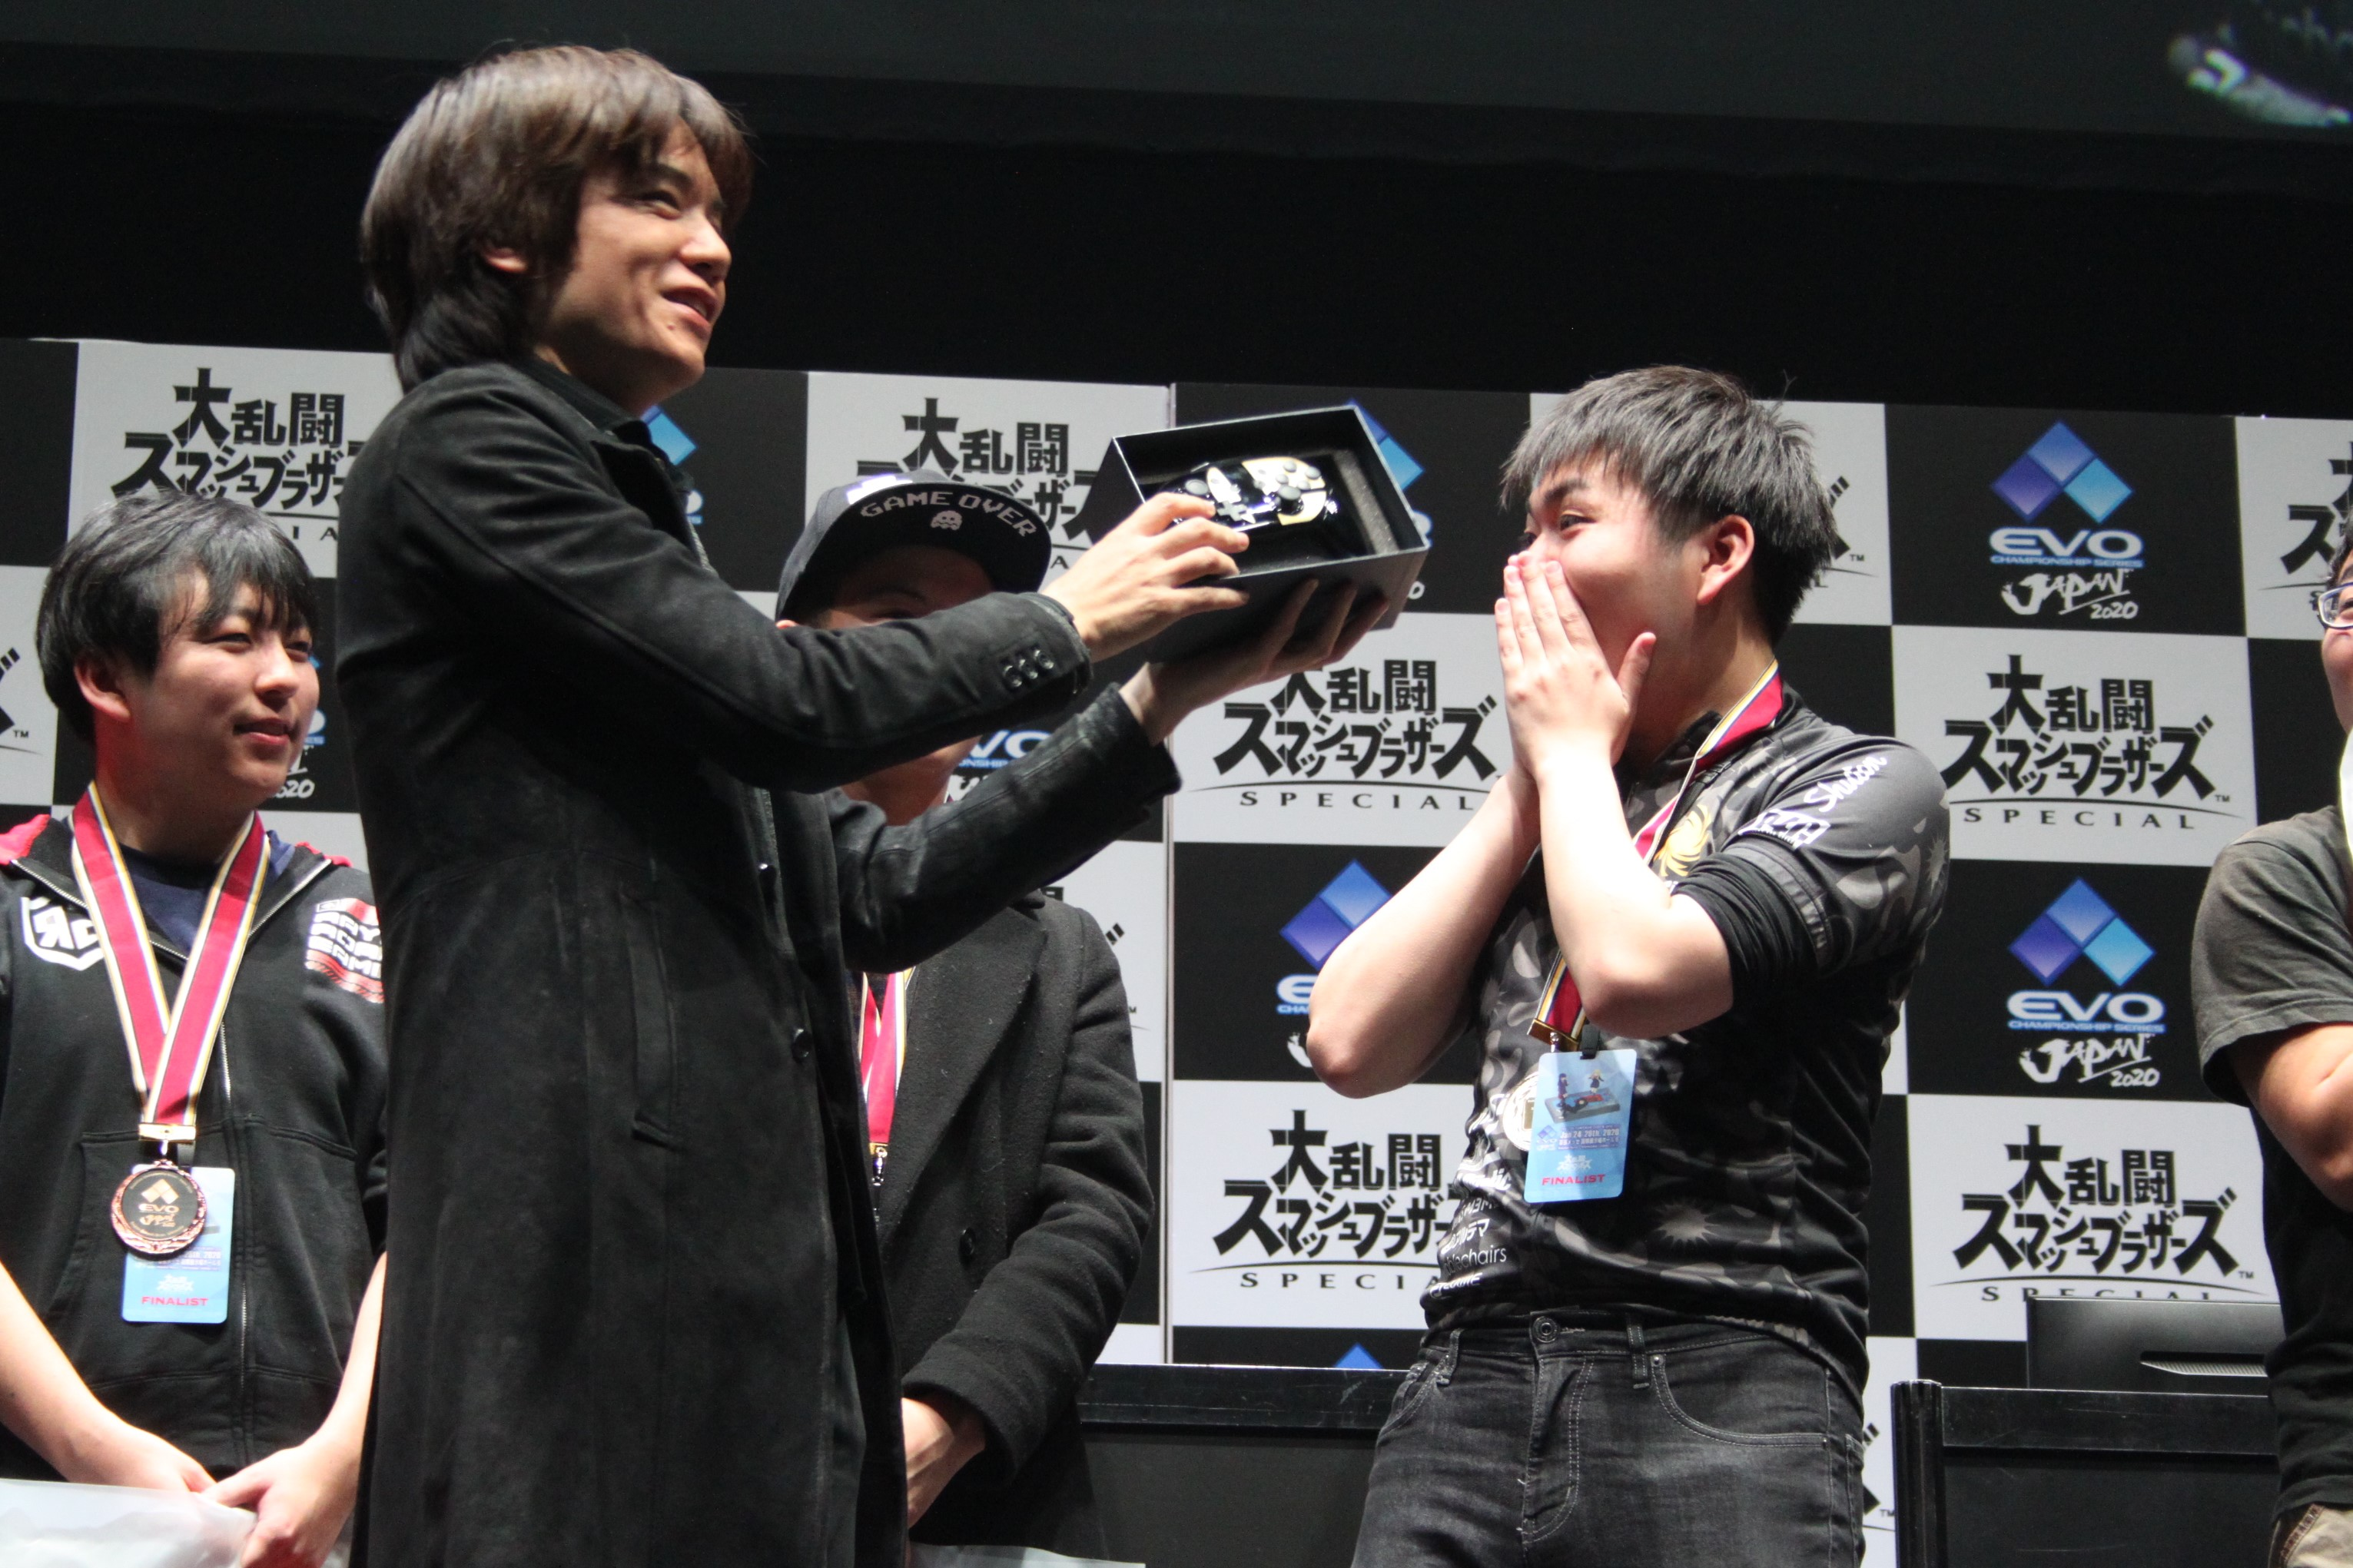 桜井氏からコントローラーを受け取るShuton選手